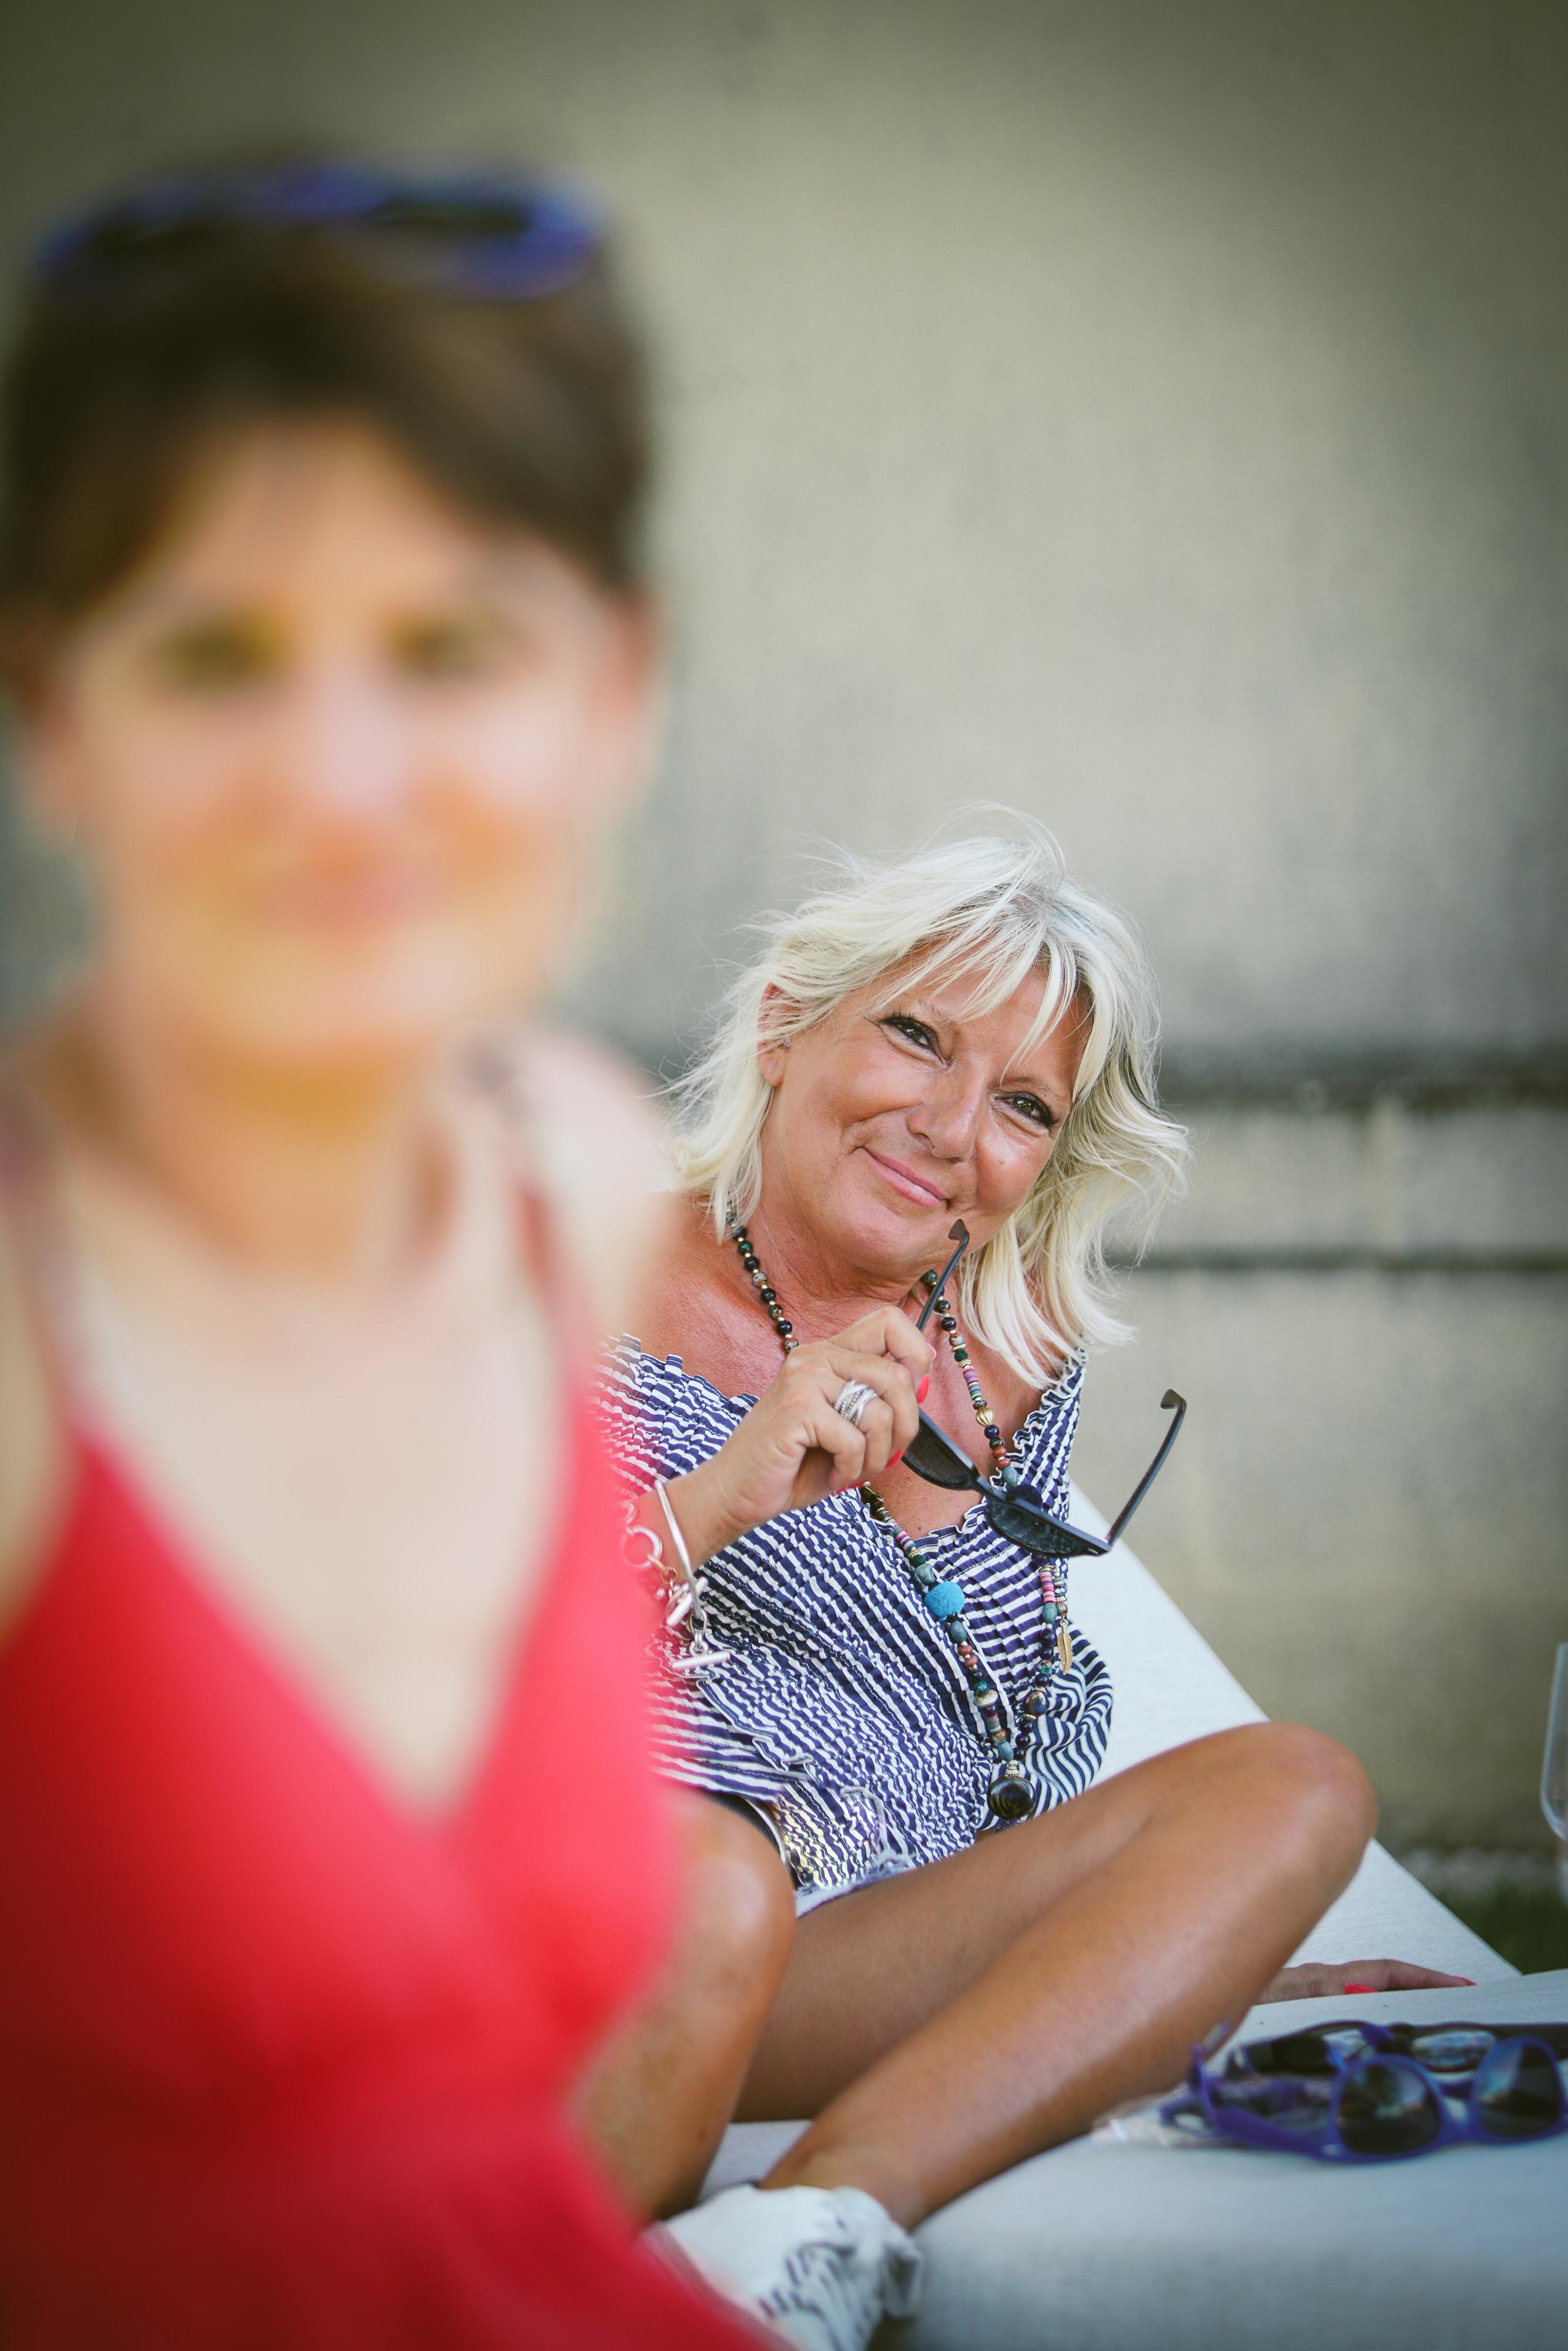 AFTER WORK EN MÉDOC_2020-chateau-Malescasse_Photographe d\'evenements corporate_christophe_boury_www.photographe-33.fr_A7R01981